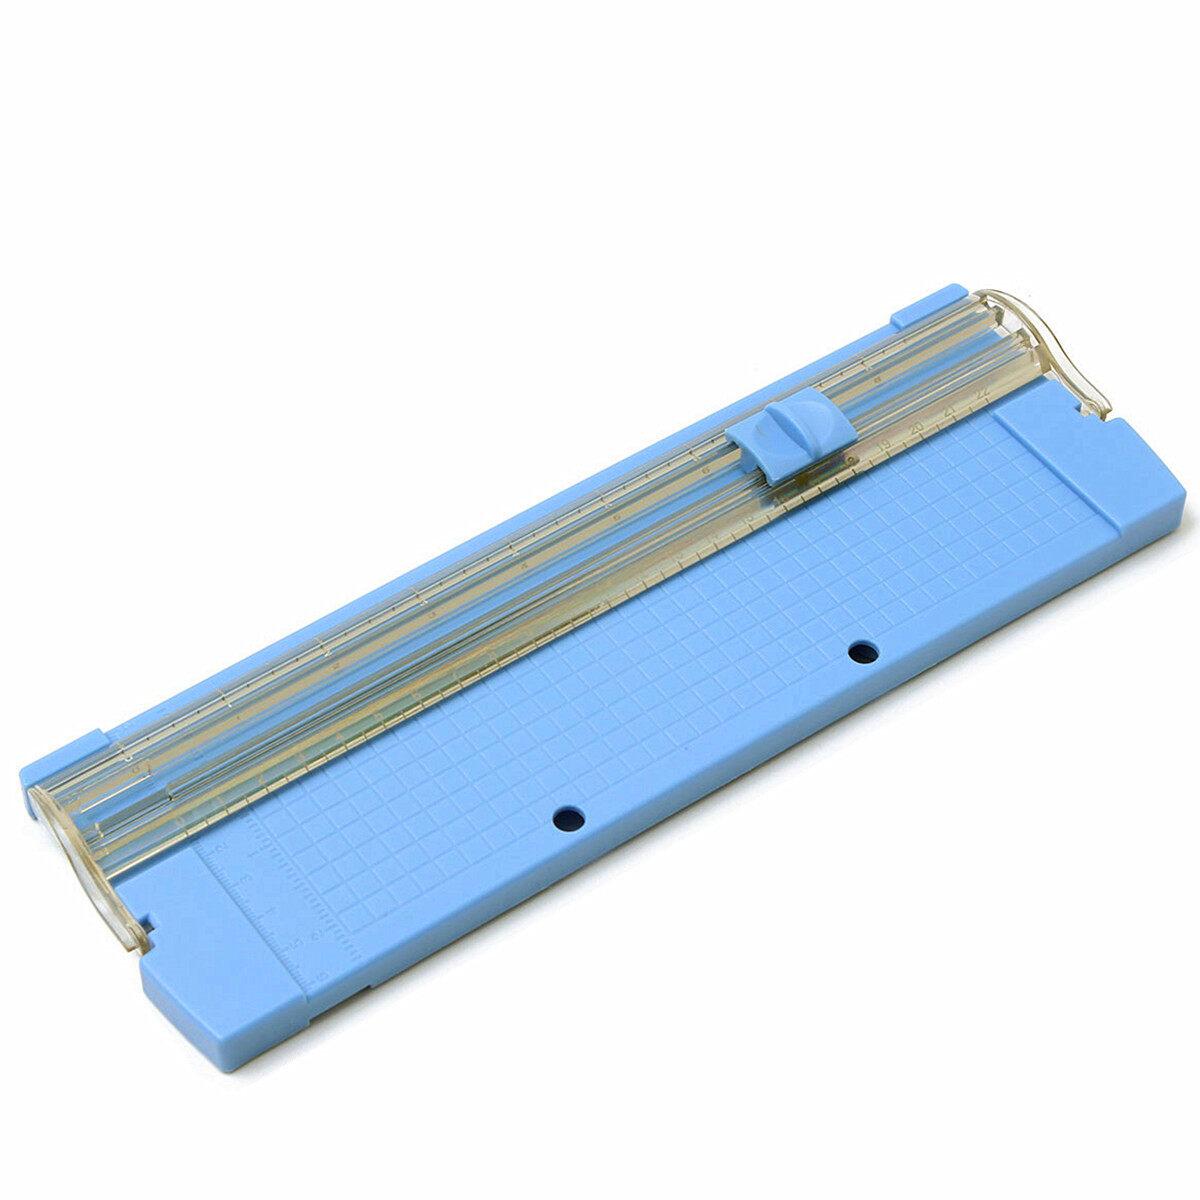 Channy A4/A5 Precision Paper Card Art Trimmer Photo Cutter Cutting Mat Blade Ruler UK NEW - intl